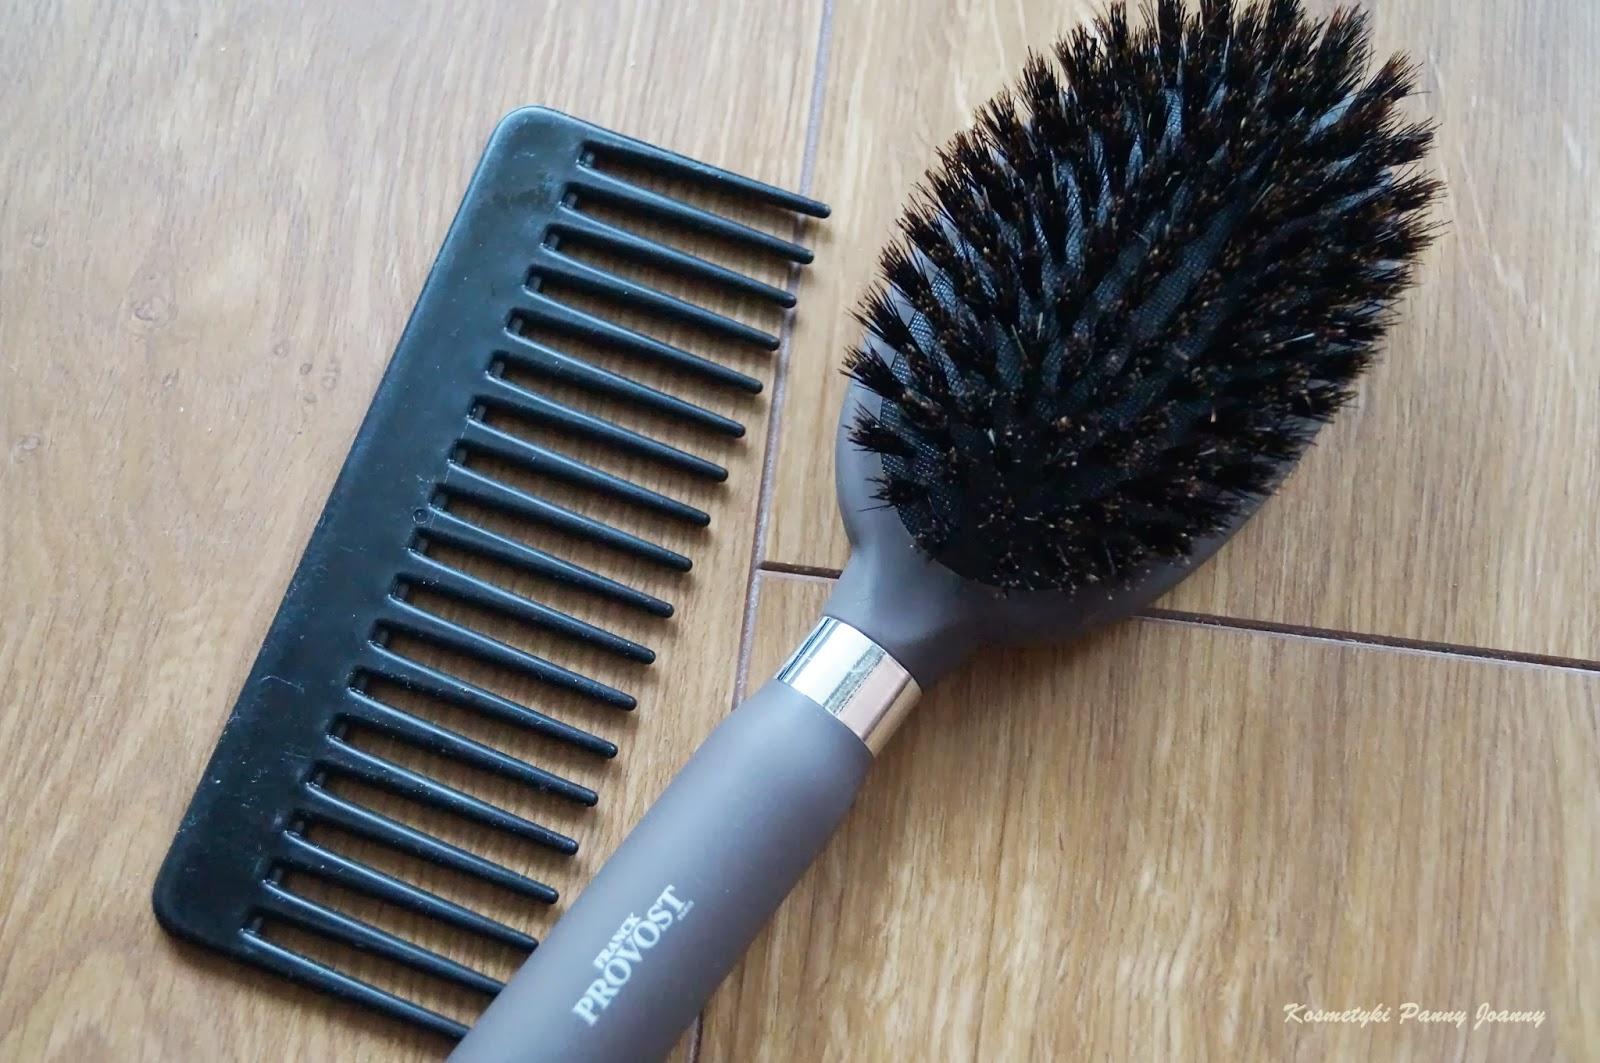 Czyścimy szczotkę z naturalnego włosia